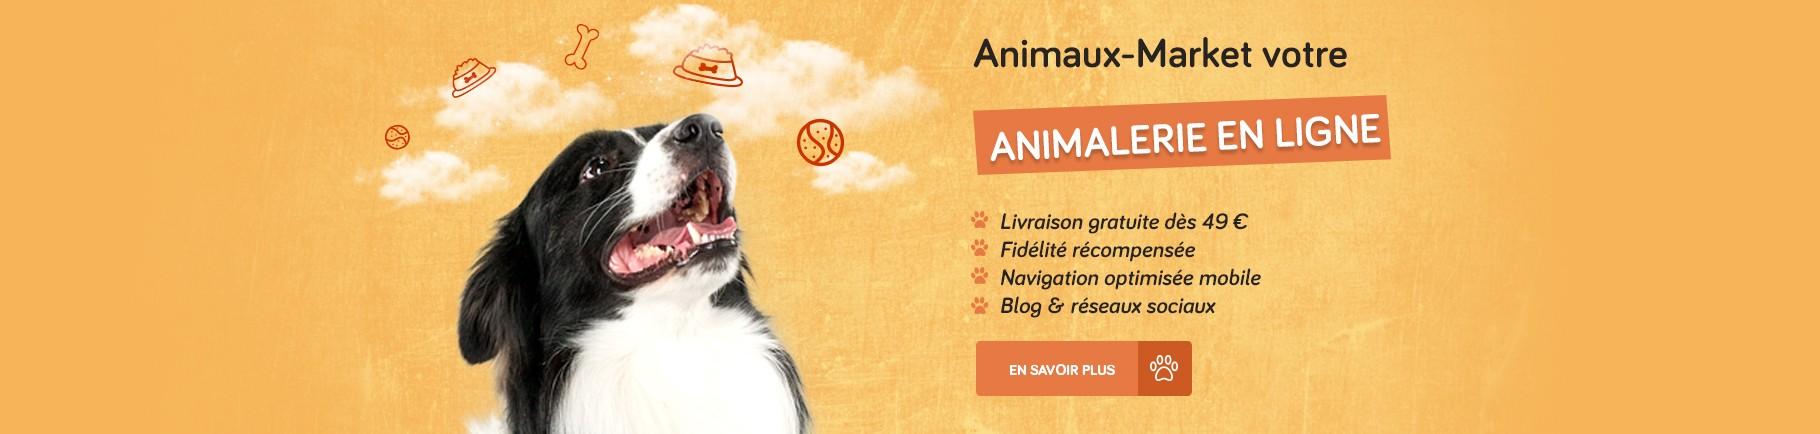 Animaux-Market, votre animalerie en ligne